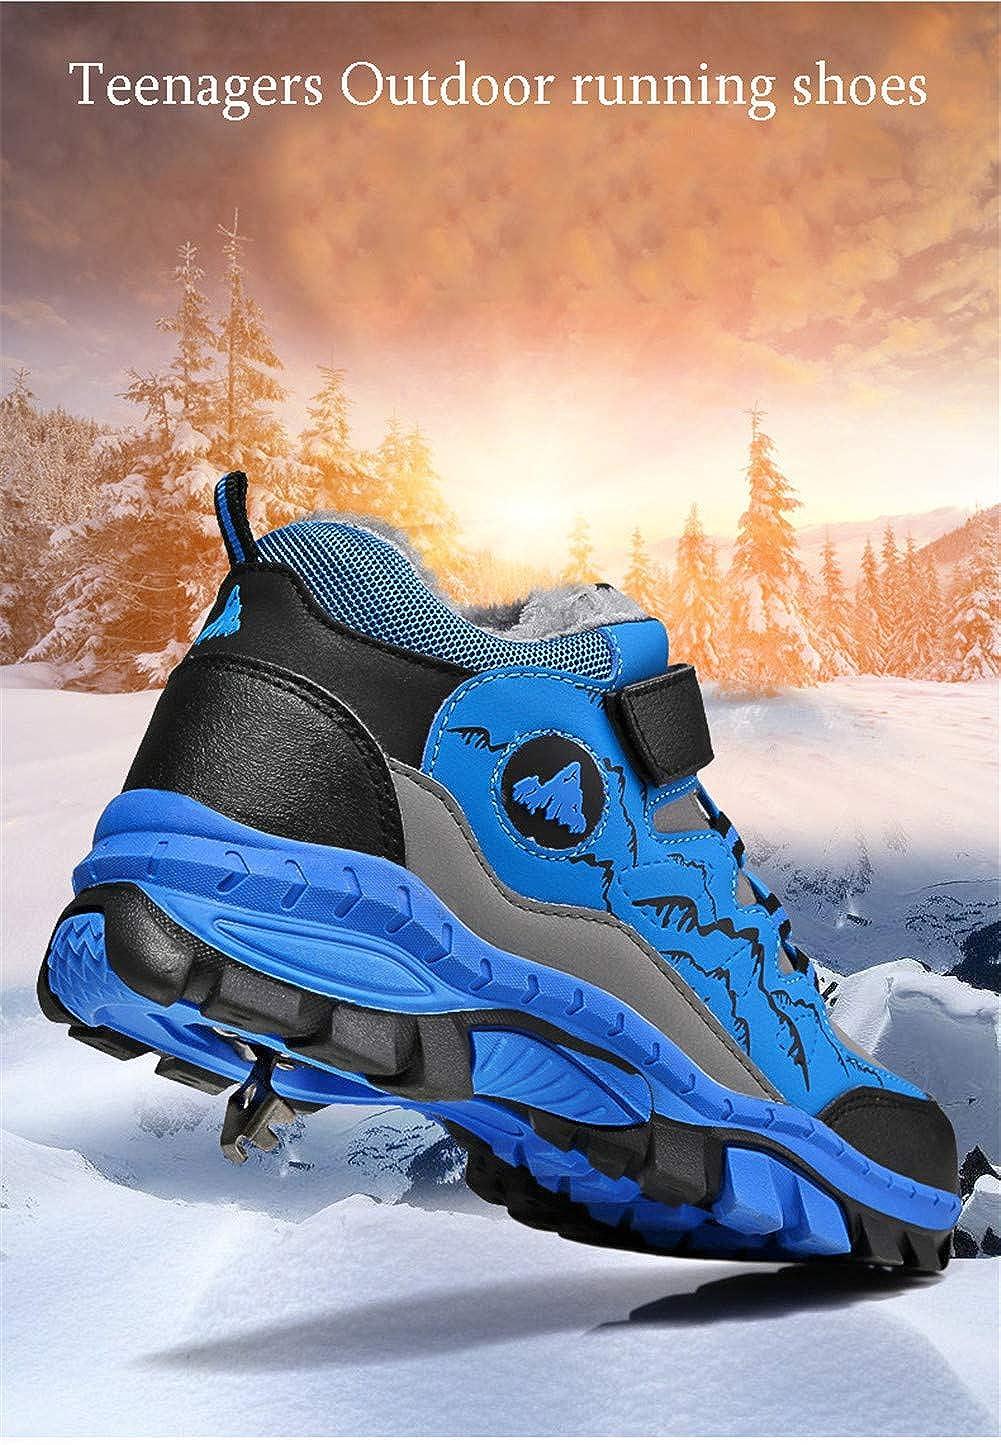 fa6744e2e ... Zapatos Zapatillas Botas de Senderismo Trekking Explore Deportiva  Cálido Algodón Waterproof Ampliar imagen